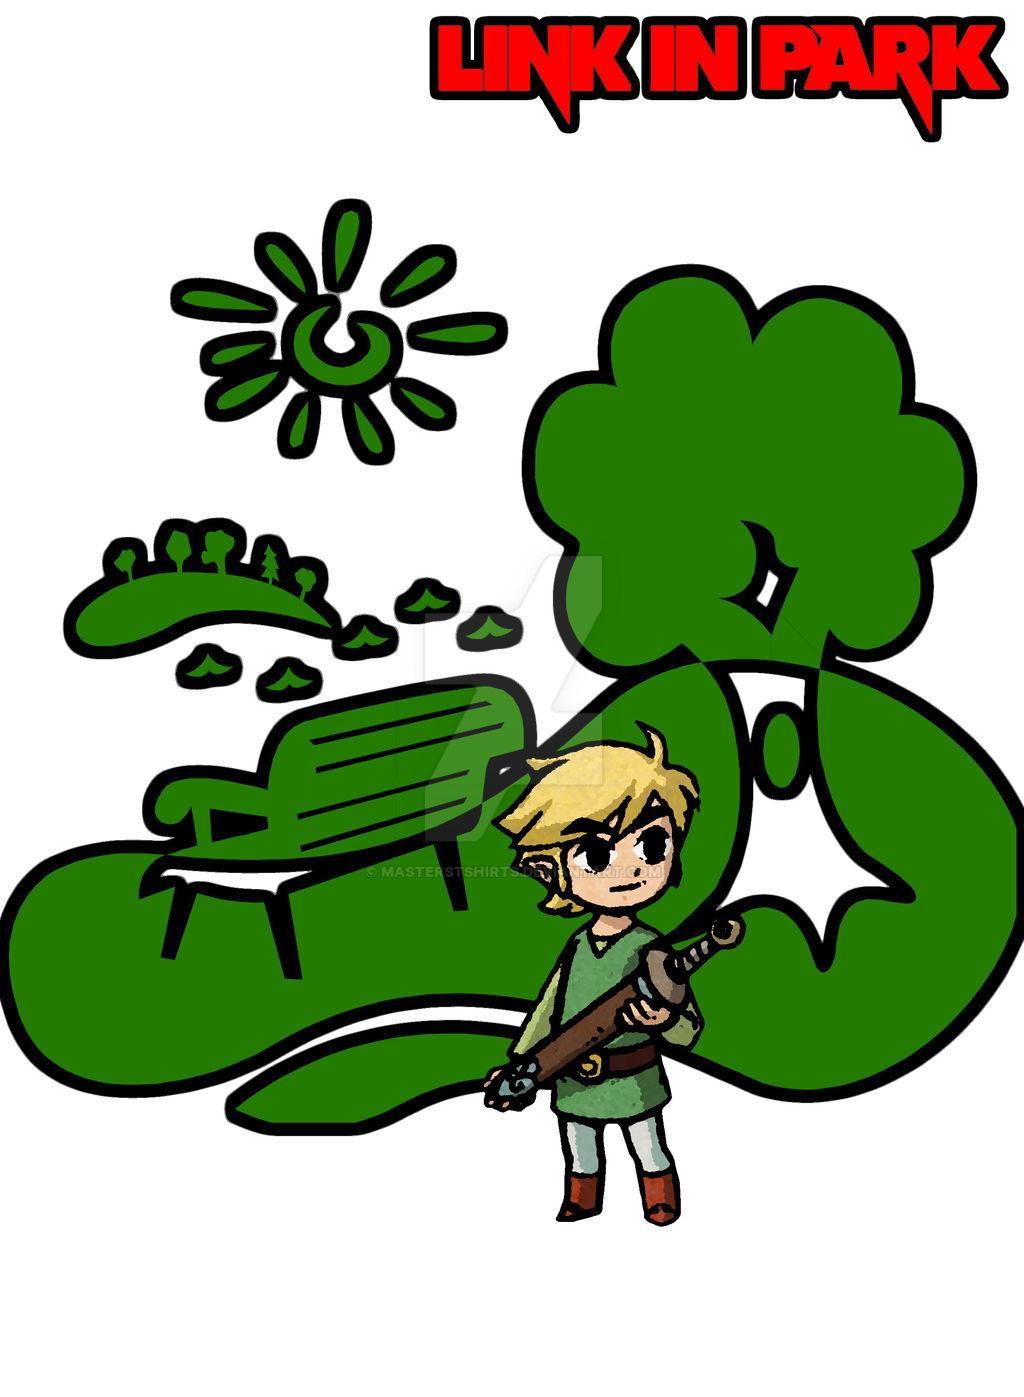 Link In Park Zelda T Shirt Design